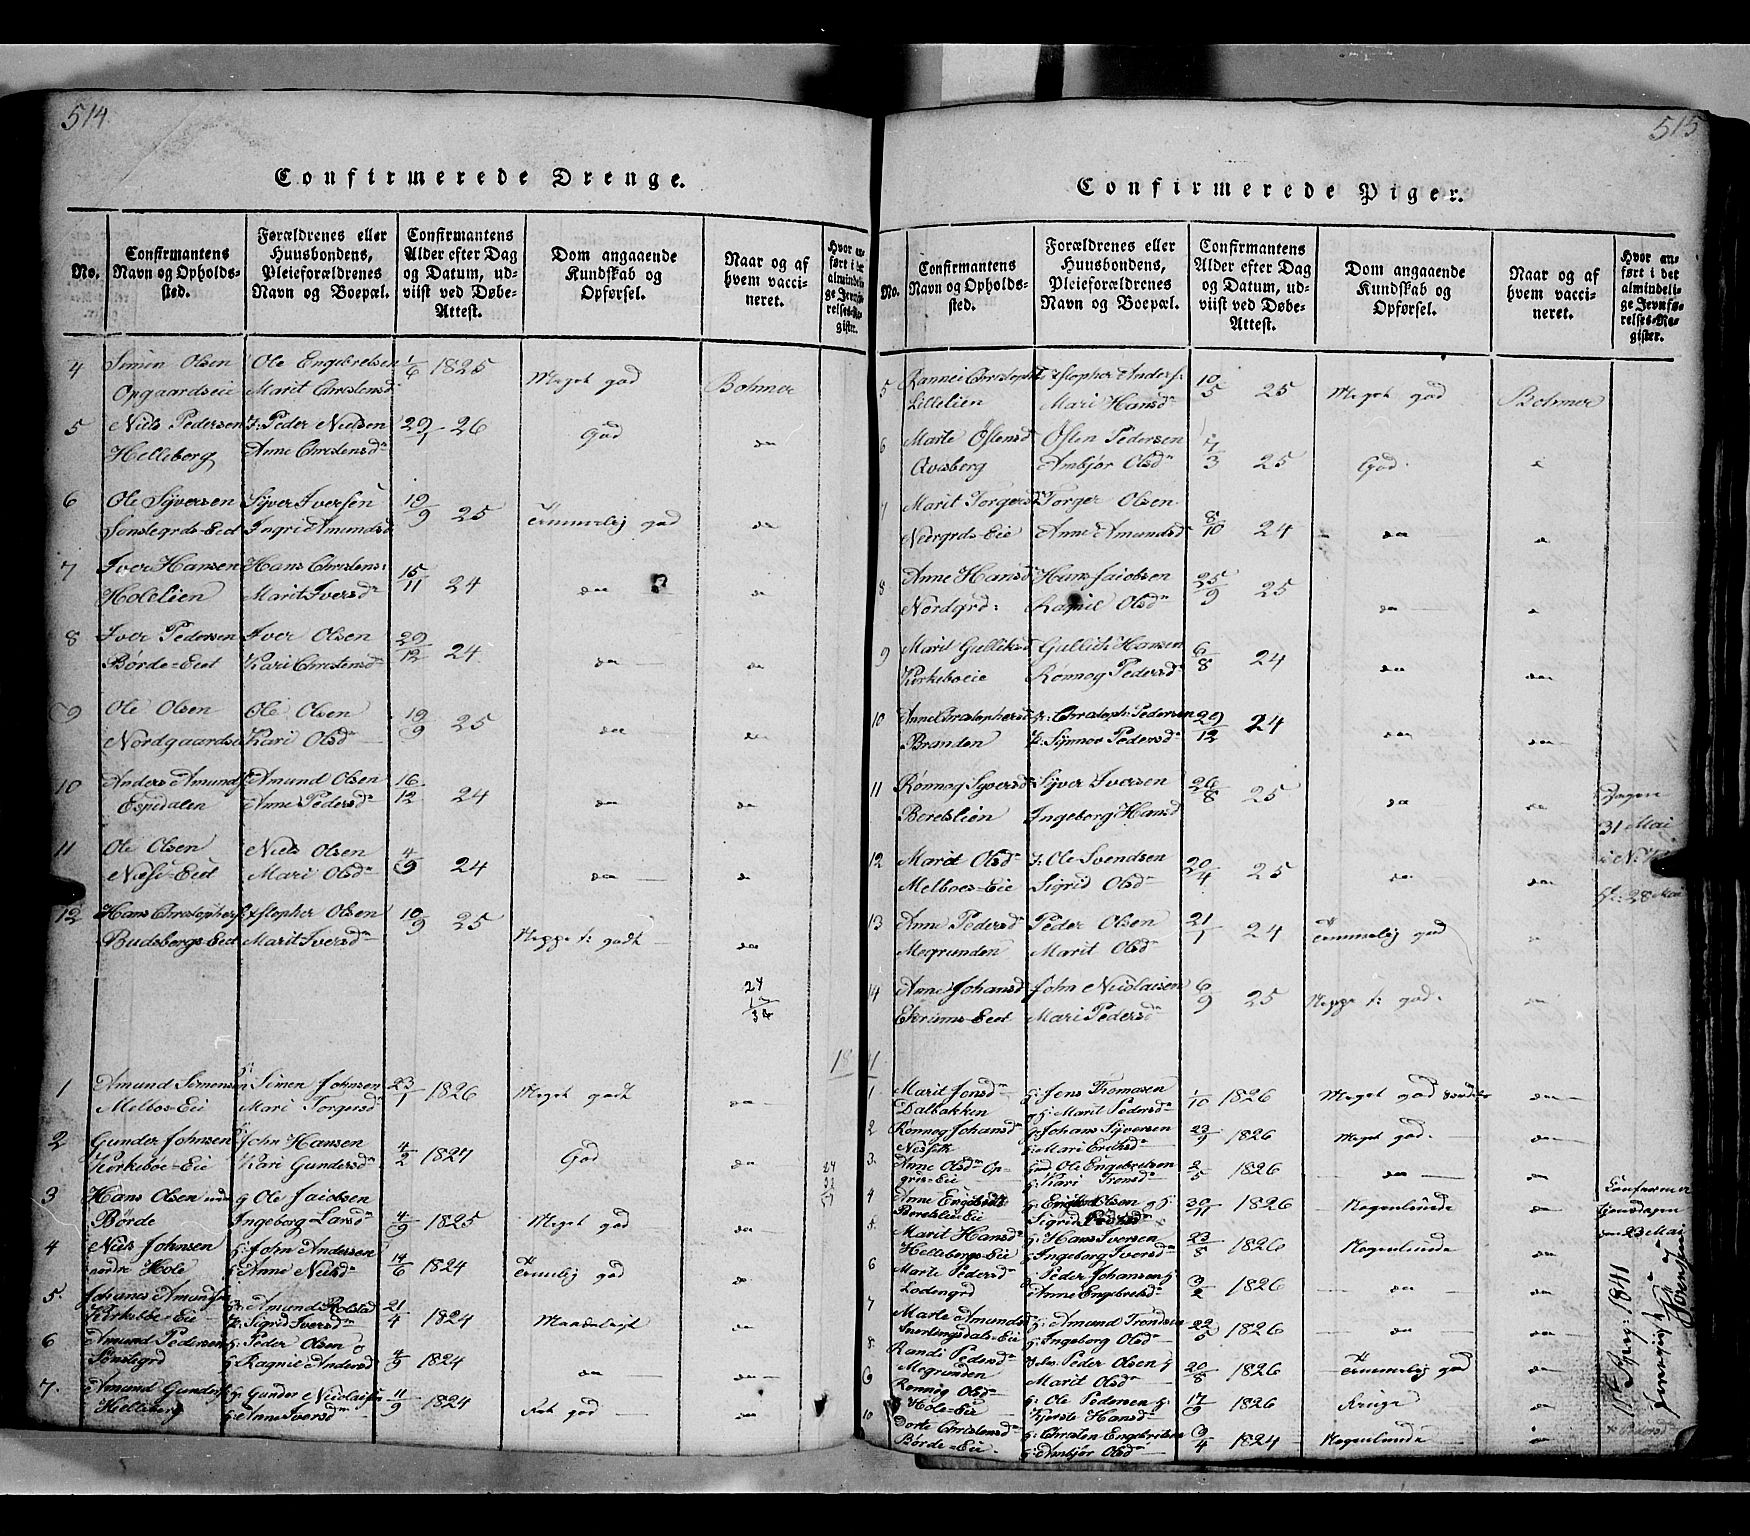 SAH, Gausdal prestekontor, Klokkerbok nr. 2, 1818-1874, s. 514-515